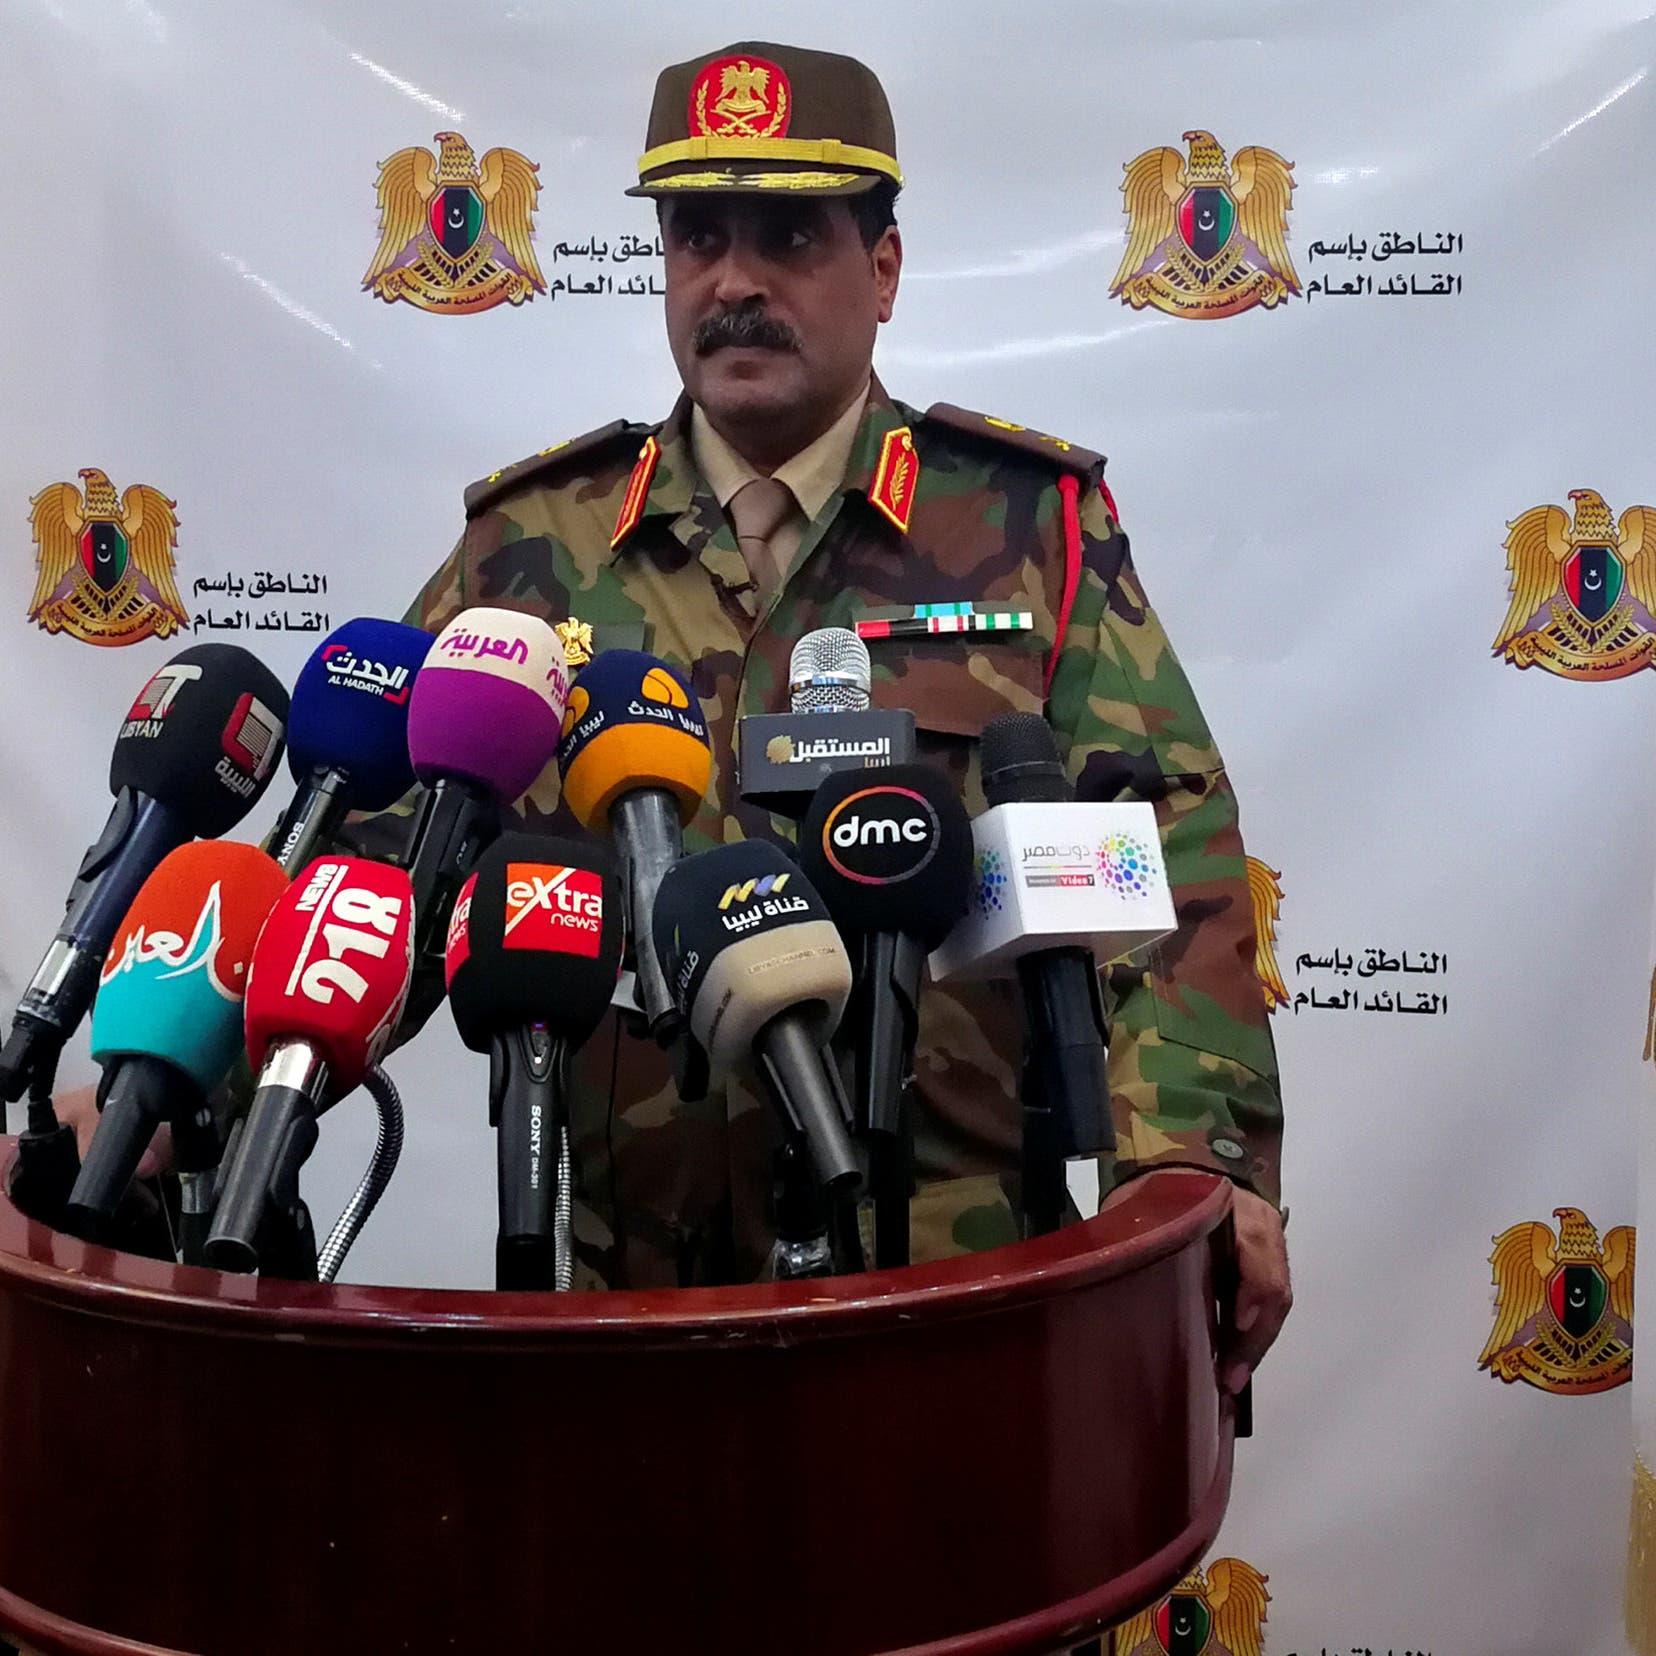 الجيش الليبي يطرح مبادرة لحل الأزمة في البلاد